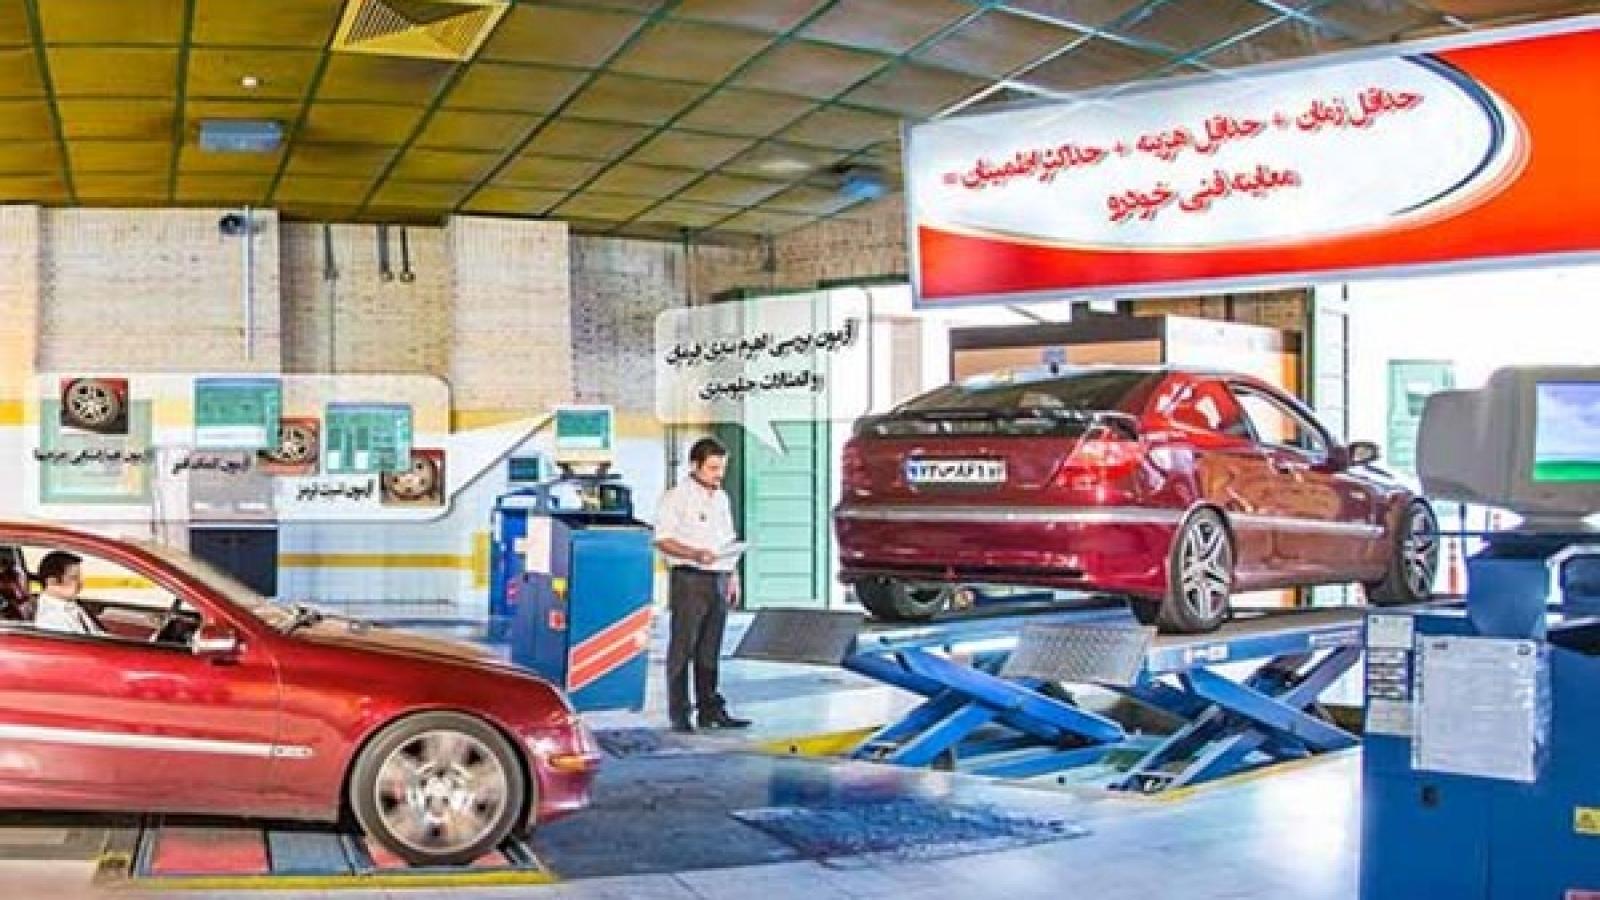 تغییر در روند معاینه فنی طبق ابلاغیه وزارت کشور - اجاره خودرو طباطبایی